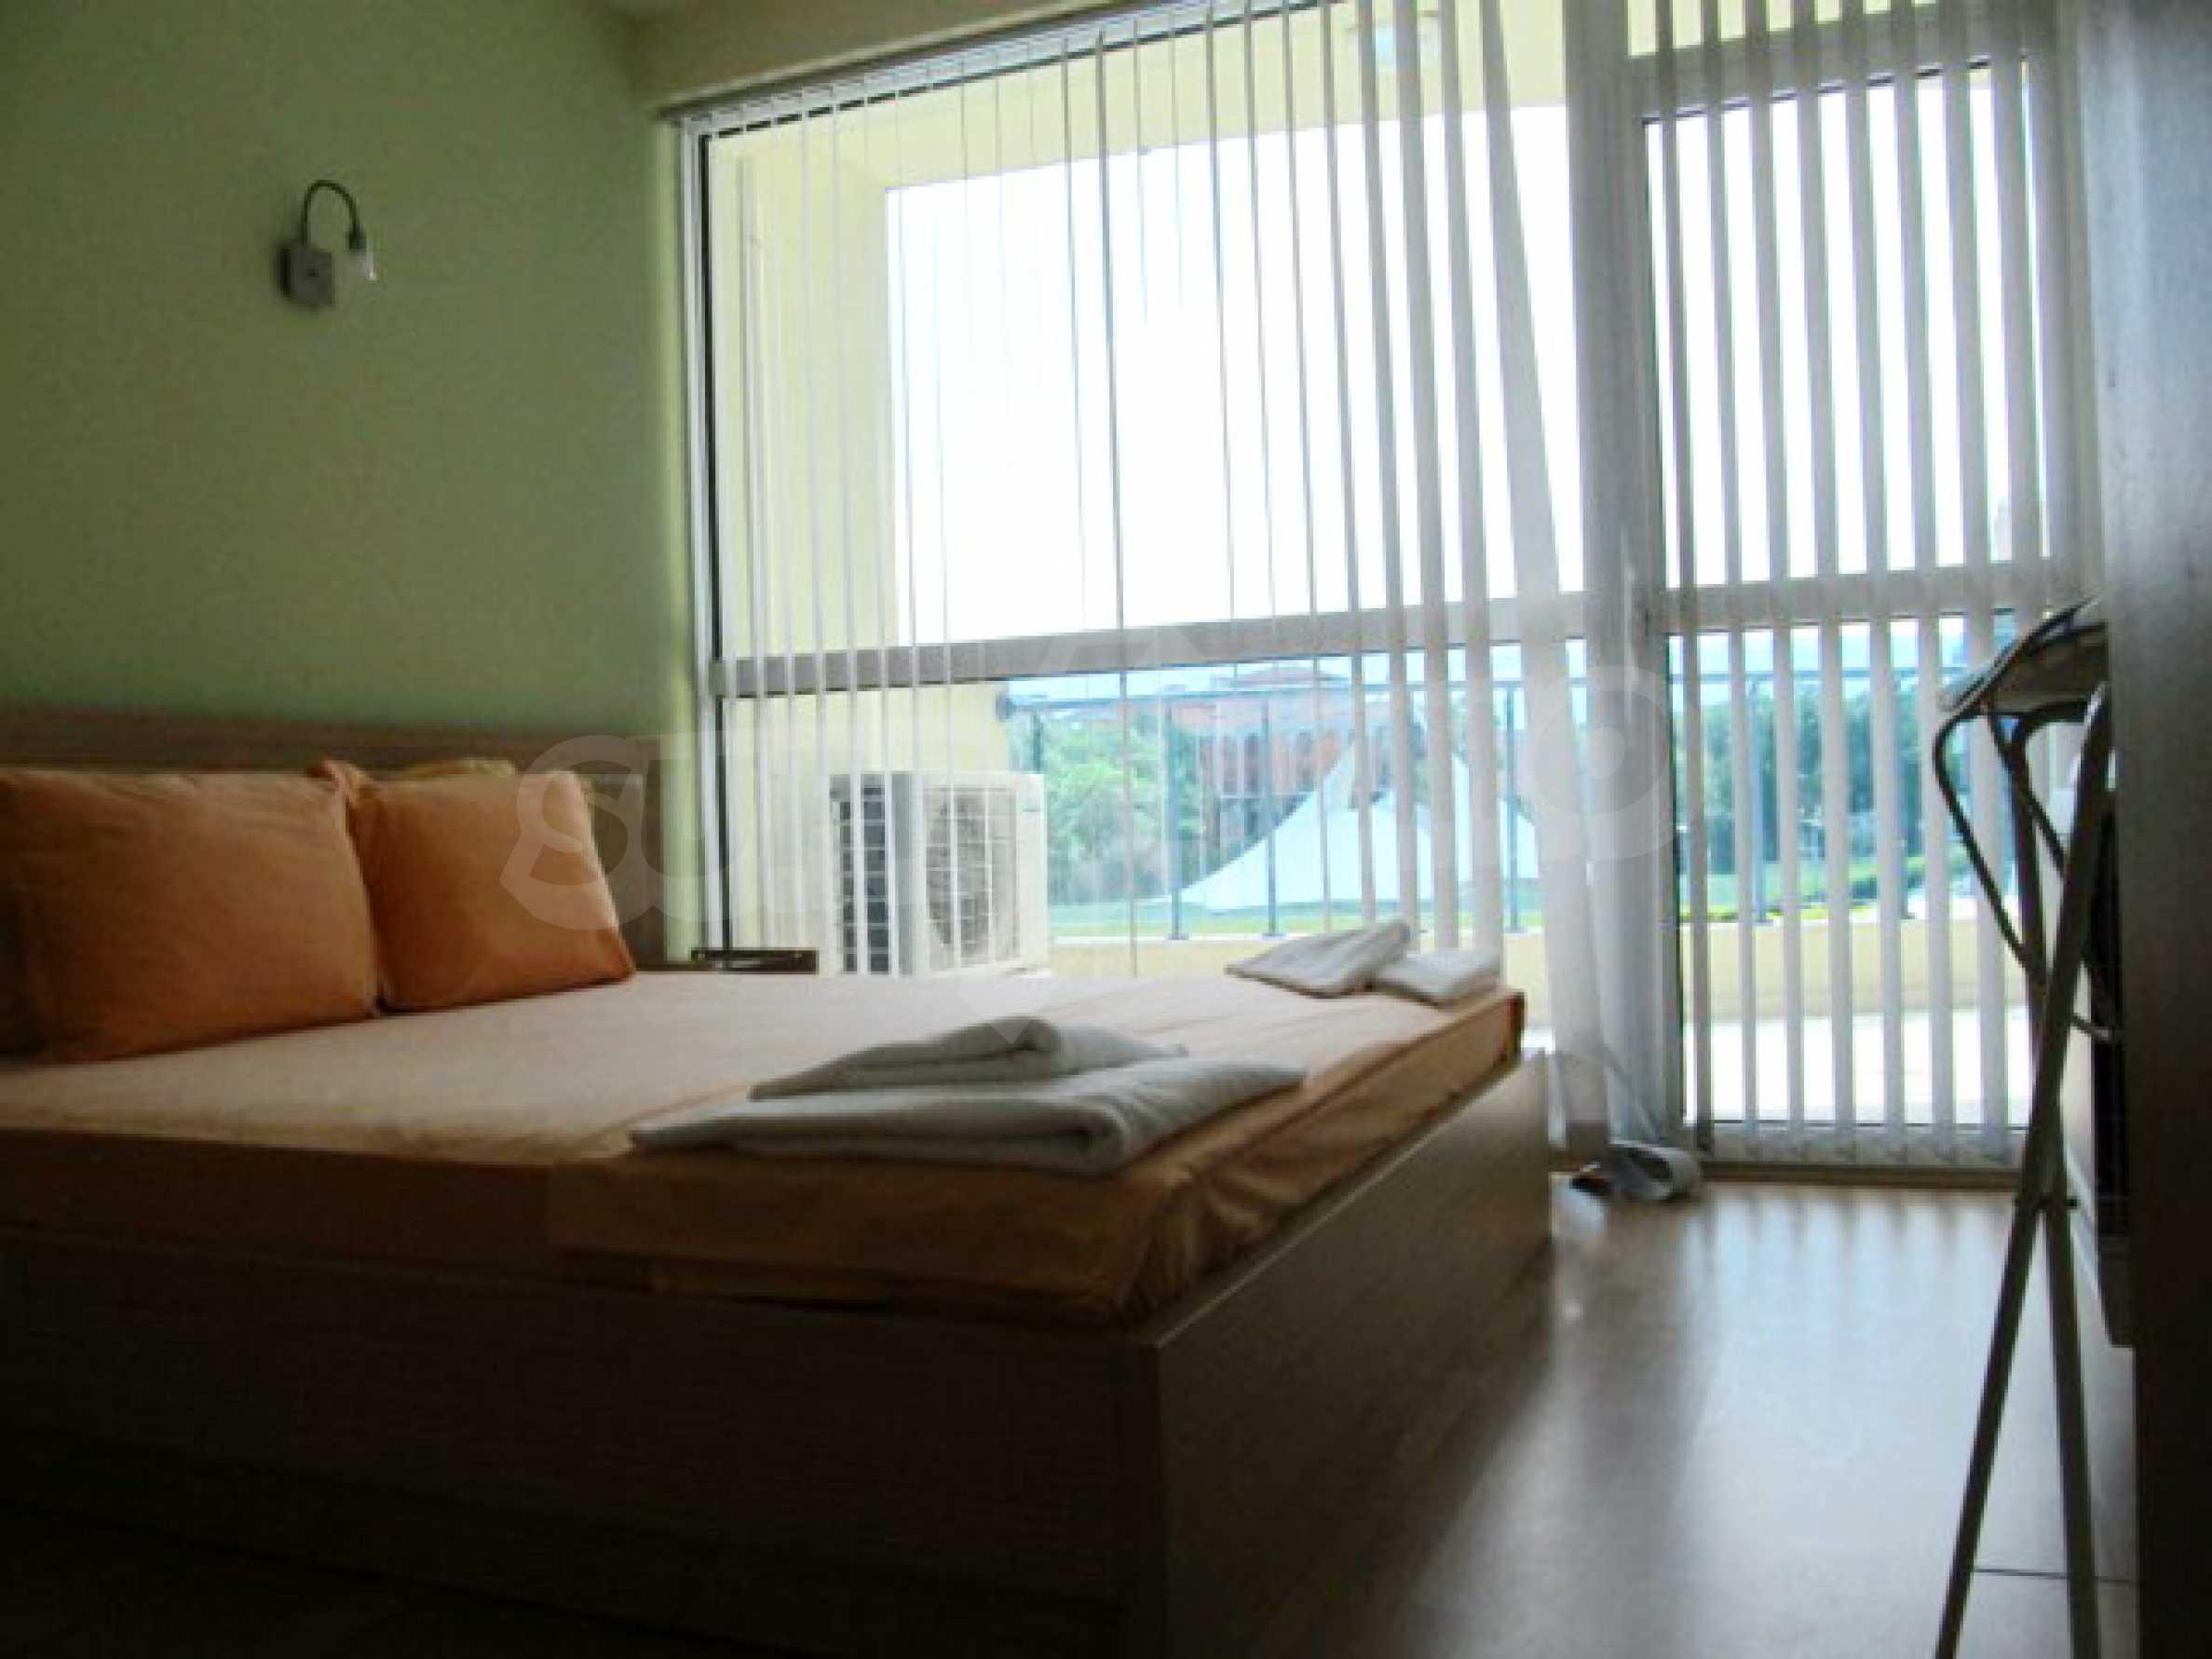 Zwei-Zimmer-Wohnung zum Verkauf in Pomorie 12